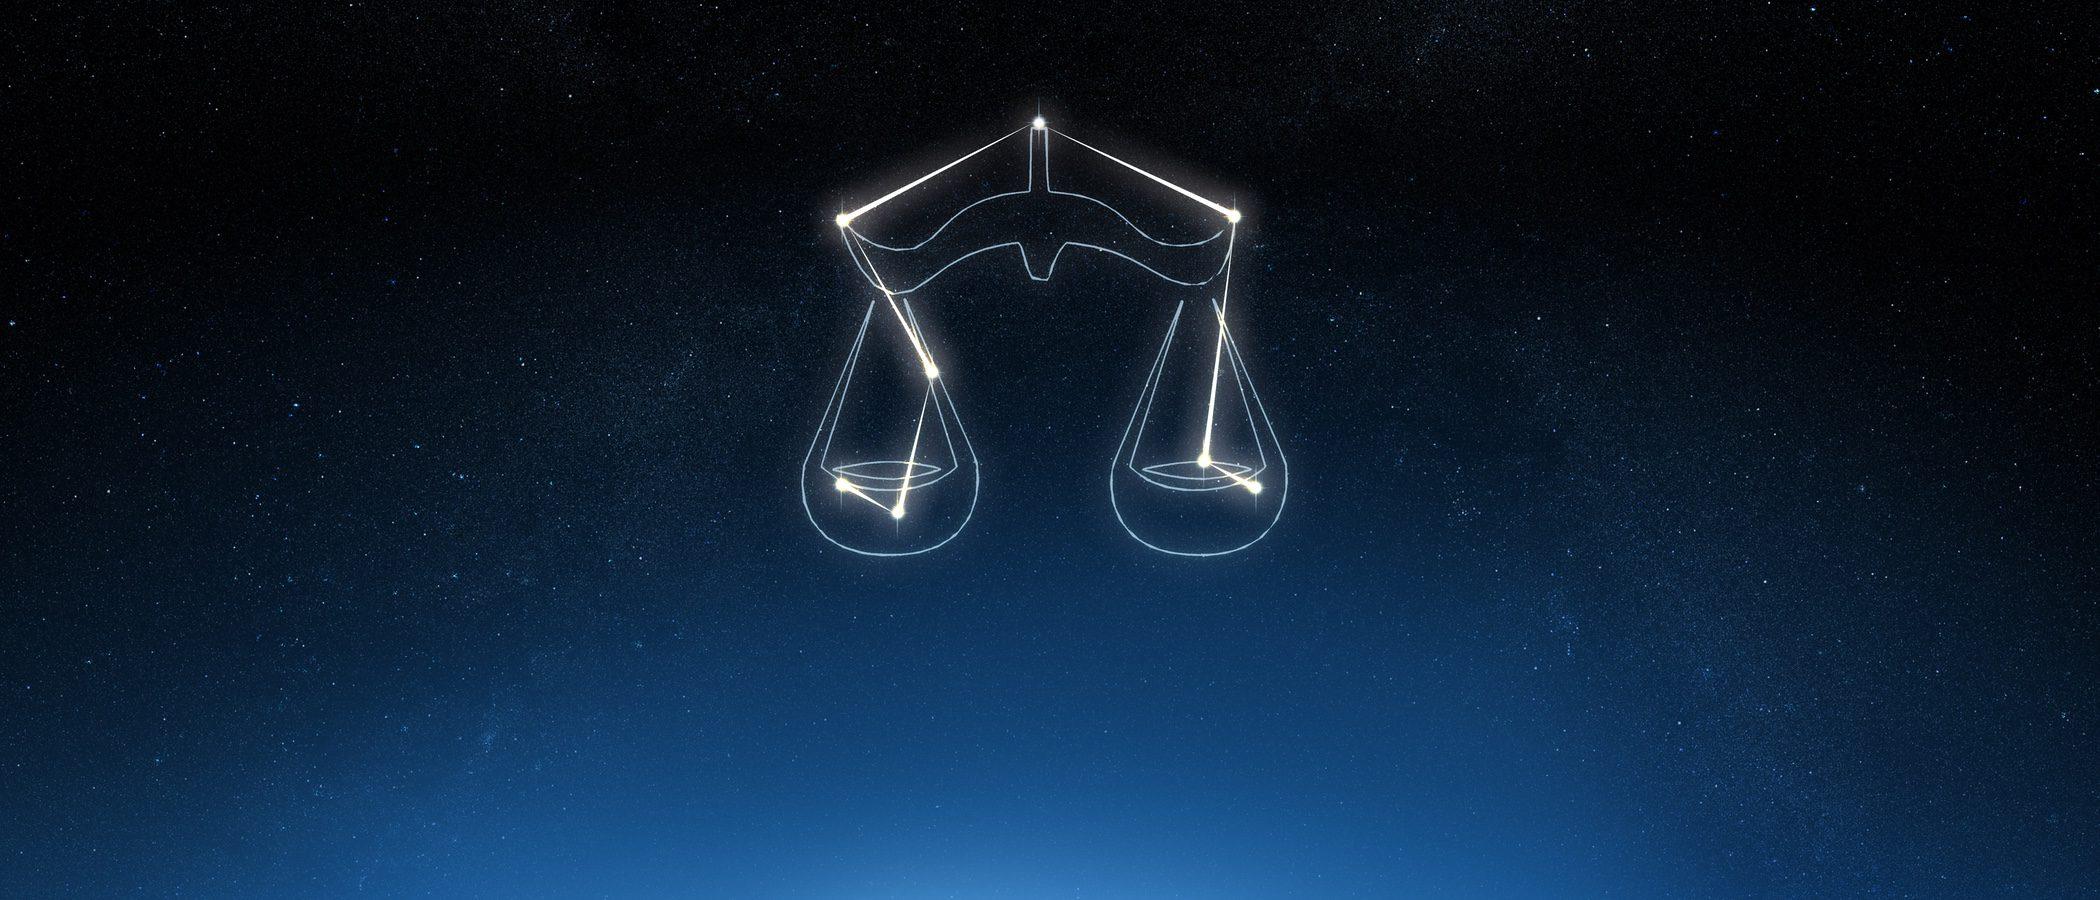 Horóscopo mayo 2017: Libra